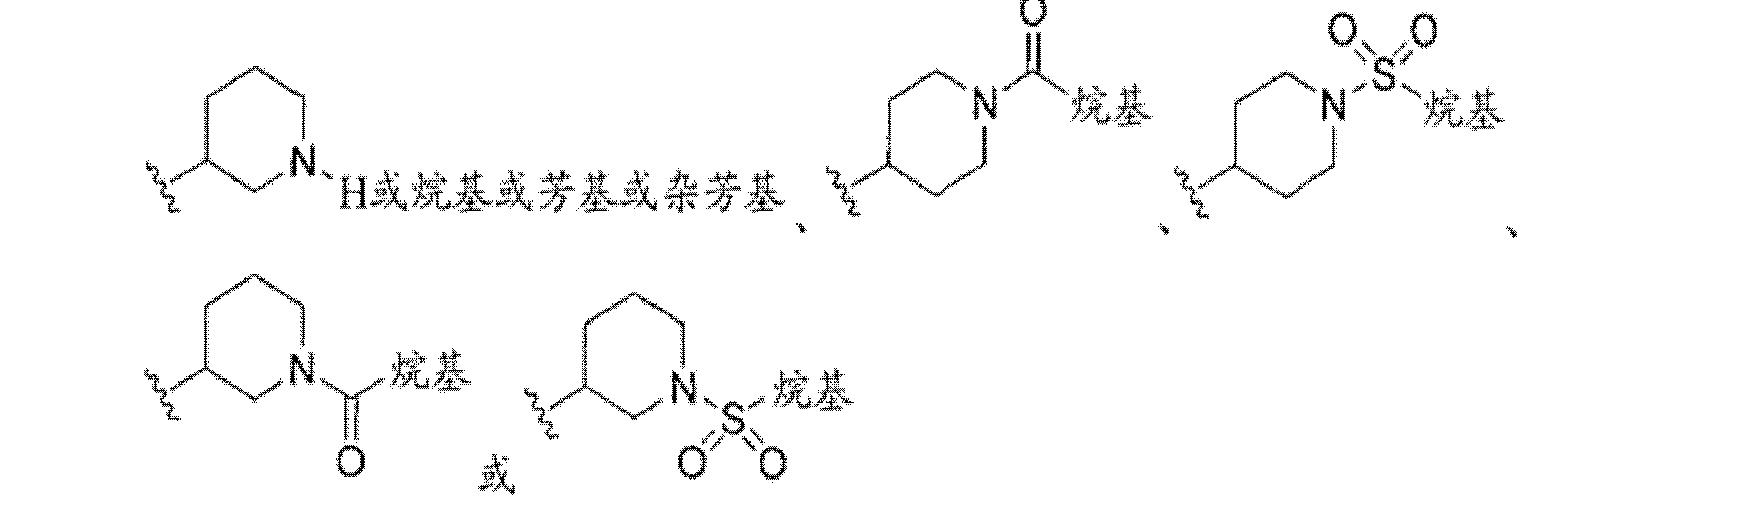 Figure CN102448458BD00181